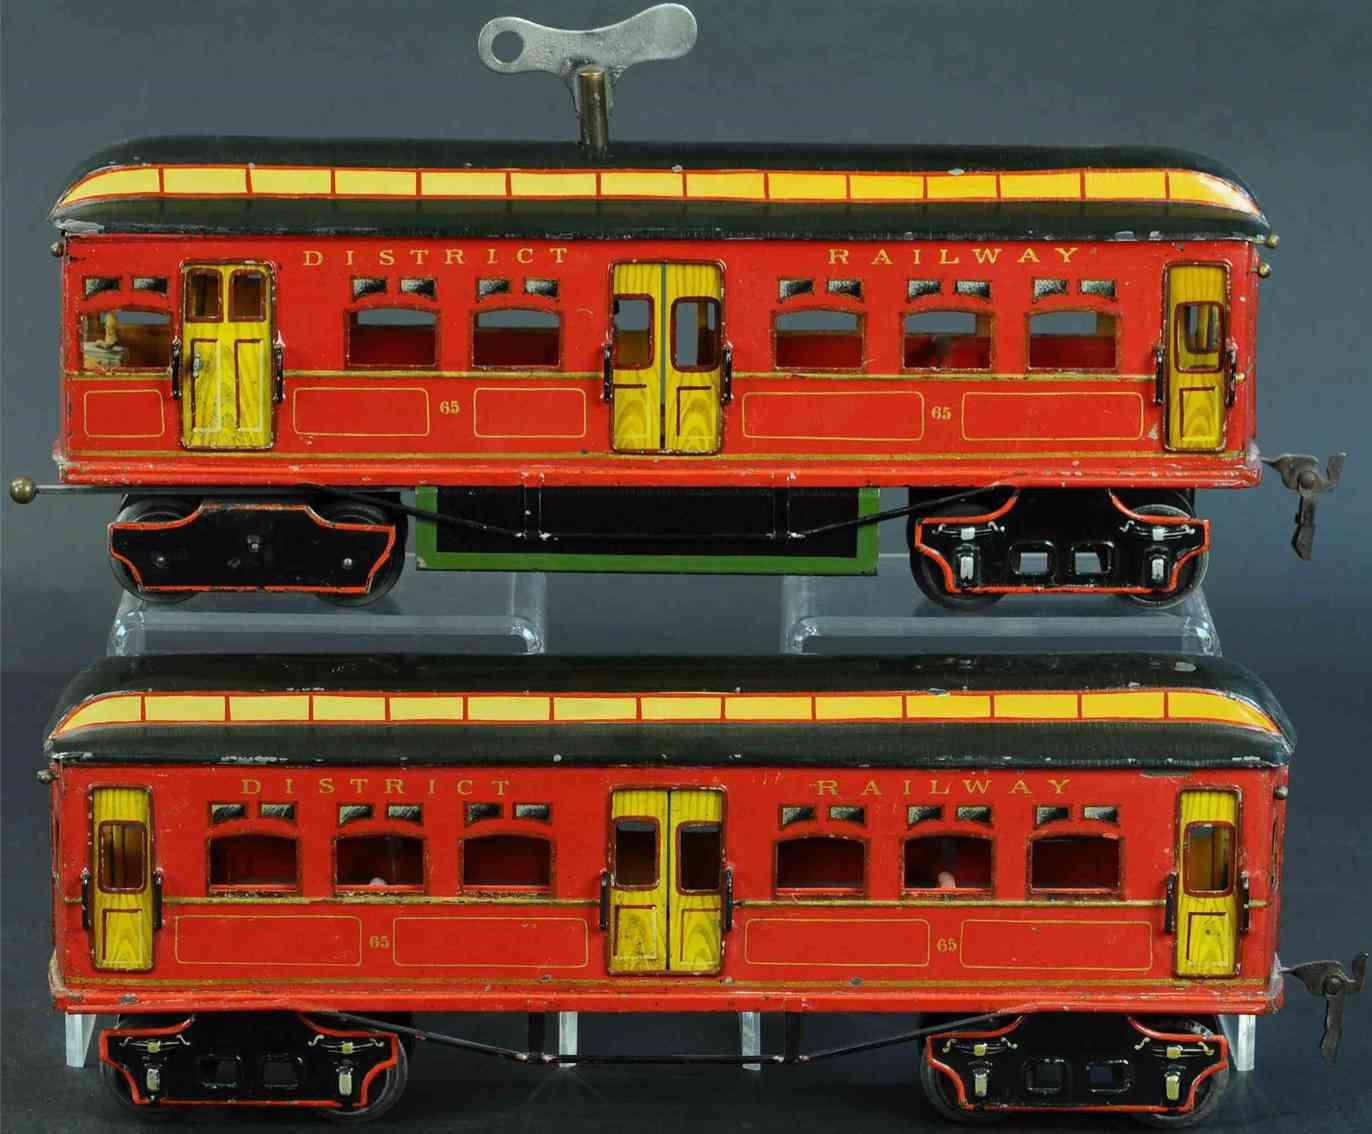 marklin maerklin tin toy trolley district railway tram set clockwork gauge 1